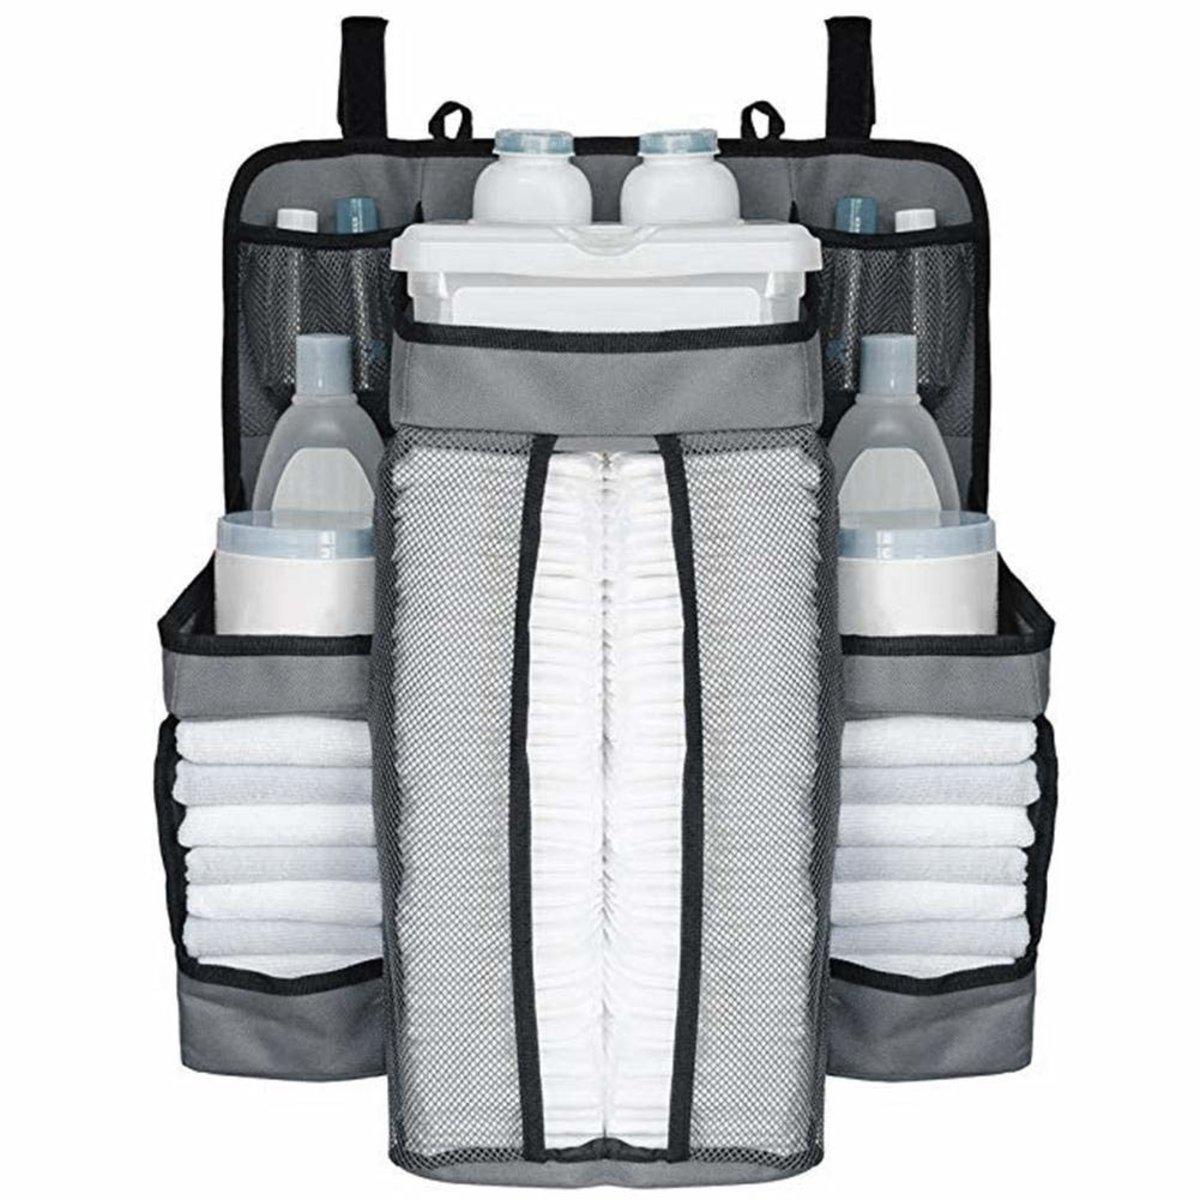 嬰兒床收納袋 大容量 可承重10公斤 嬰兒用品收納 床頭掛袋